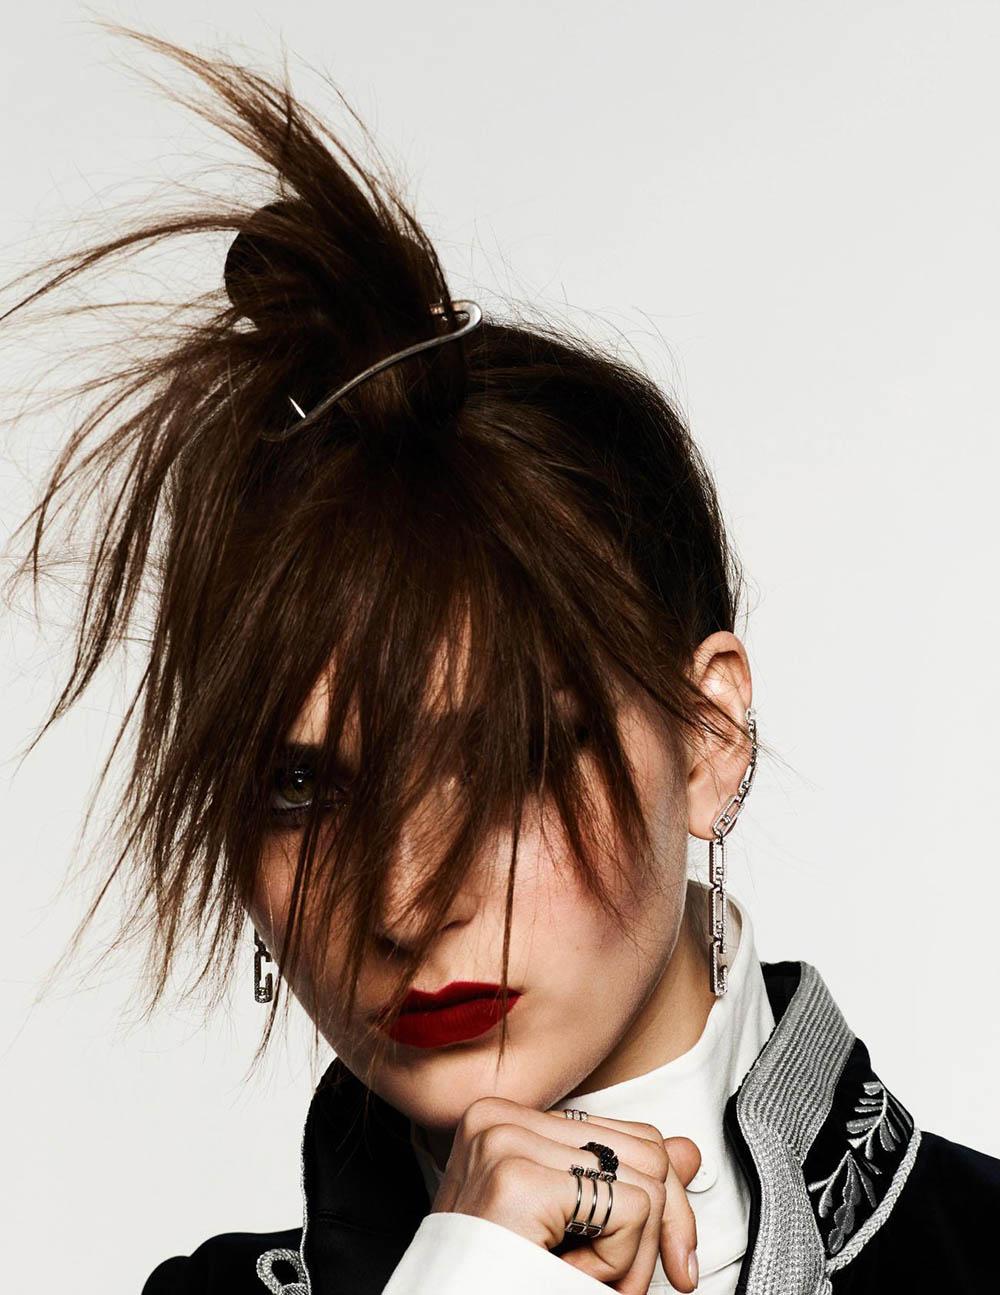 Julia Bergshoeff by Ben Hassett for Vogue Paris September 2019